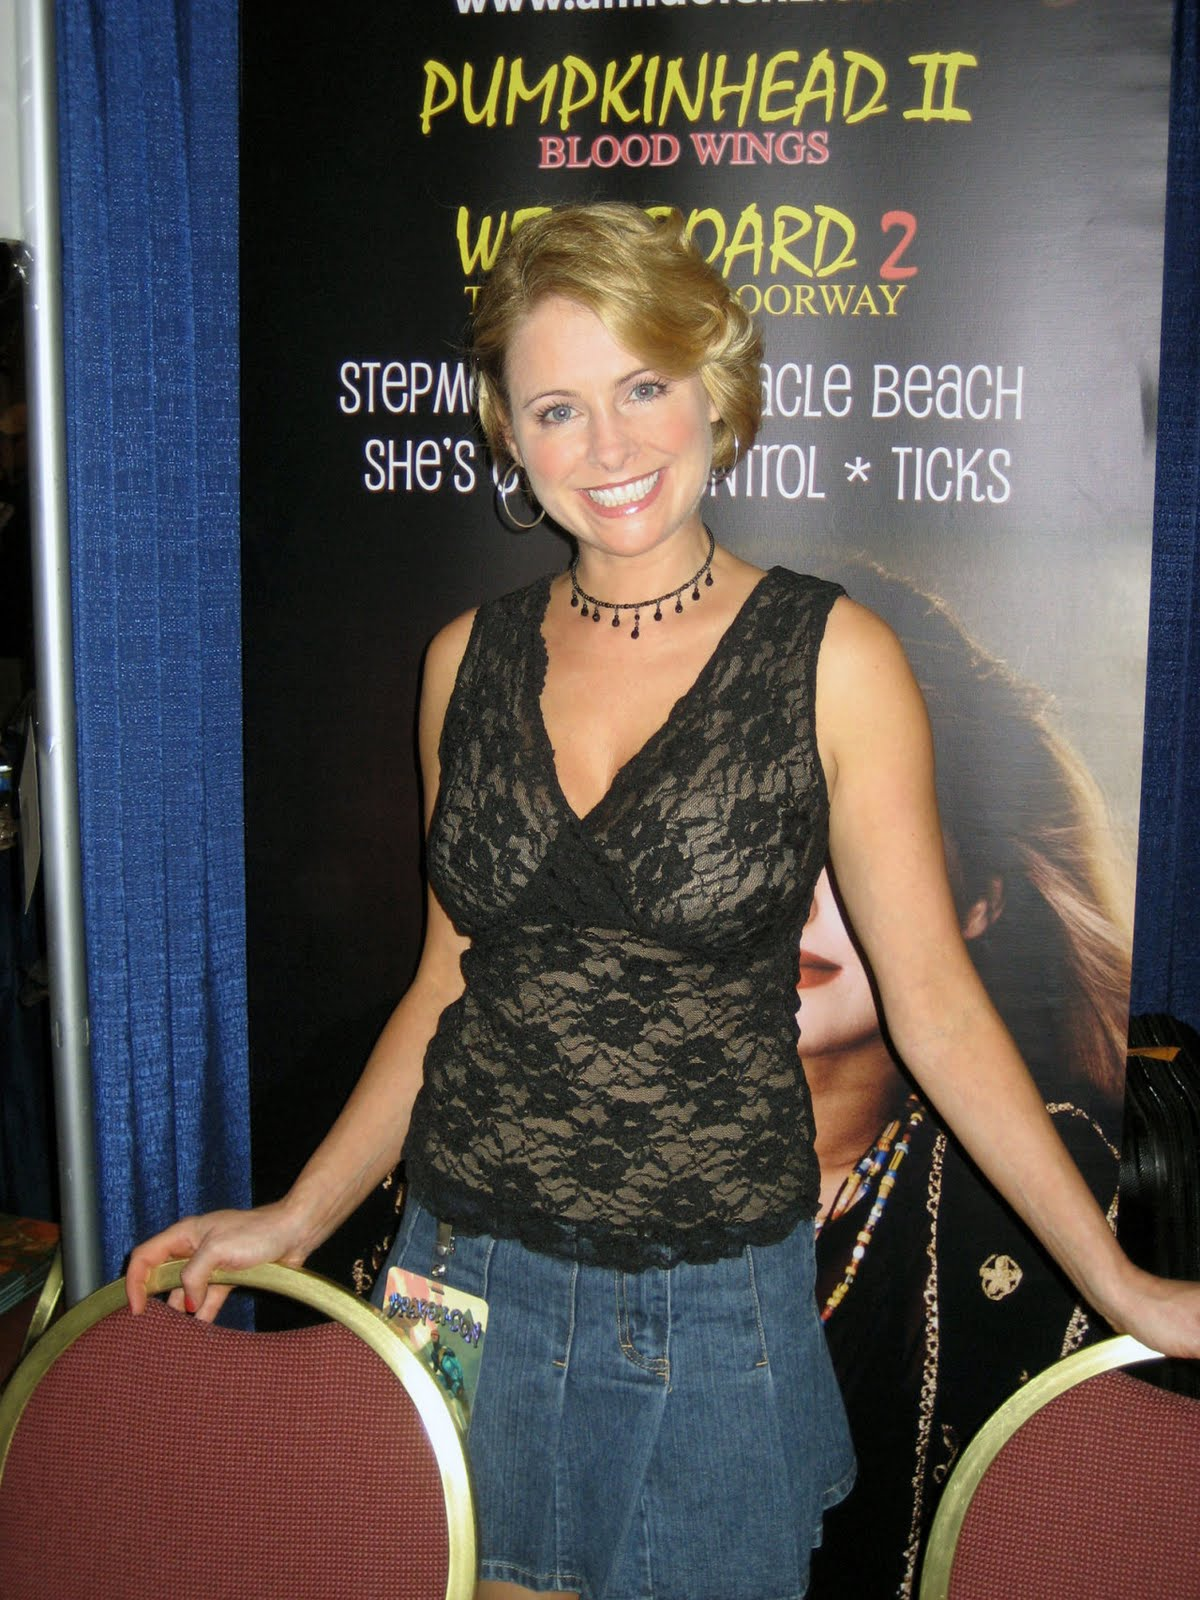 Bernie Dexter United States,Maggie Fitzgibbon XXX video Sabrina Man (b. 2000),Nana Visitor born July 26, 1957 (age 61)